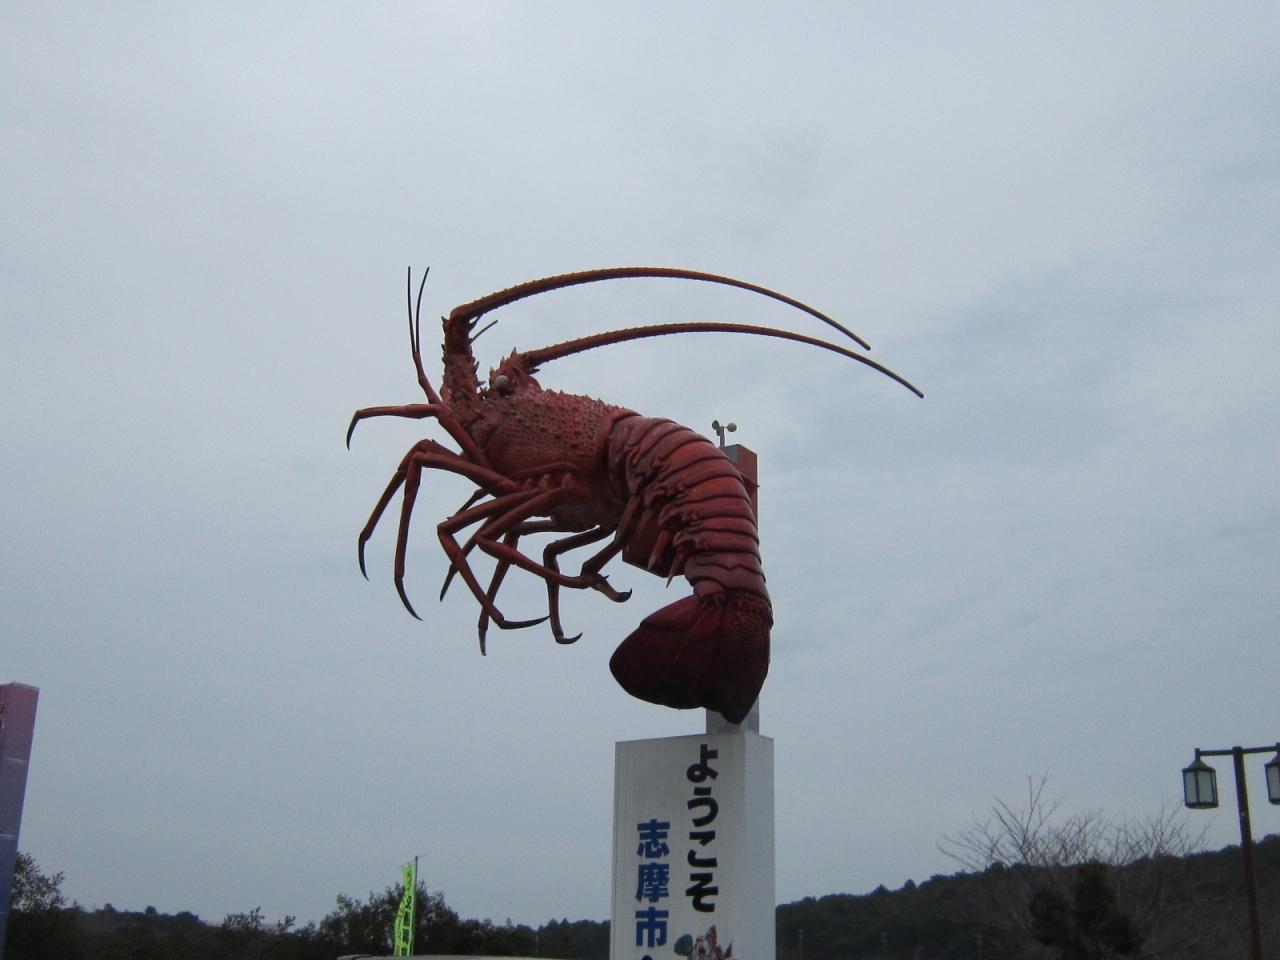 沖縄で満足する魚料理を味わうなら仲泊海産物料理店 | 幸呼来[さっこら]ブログ